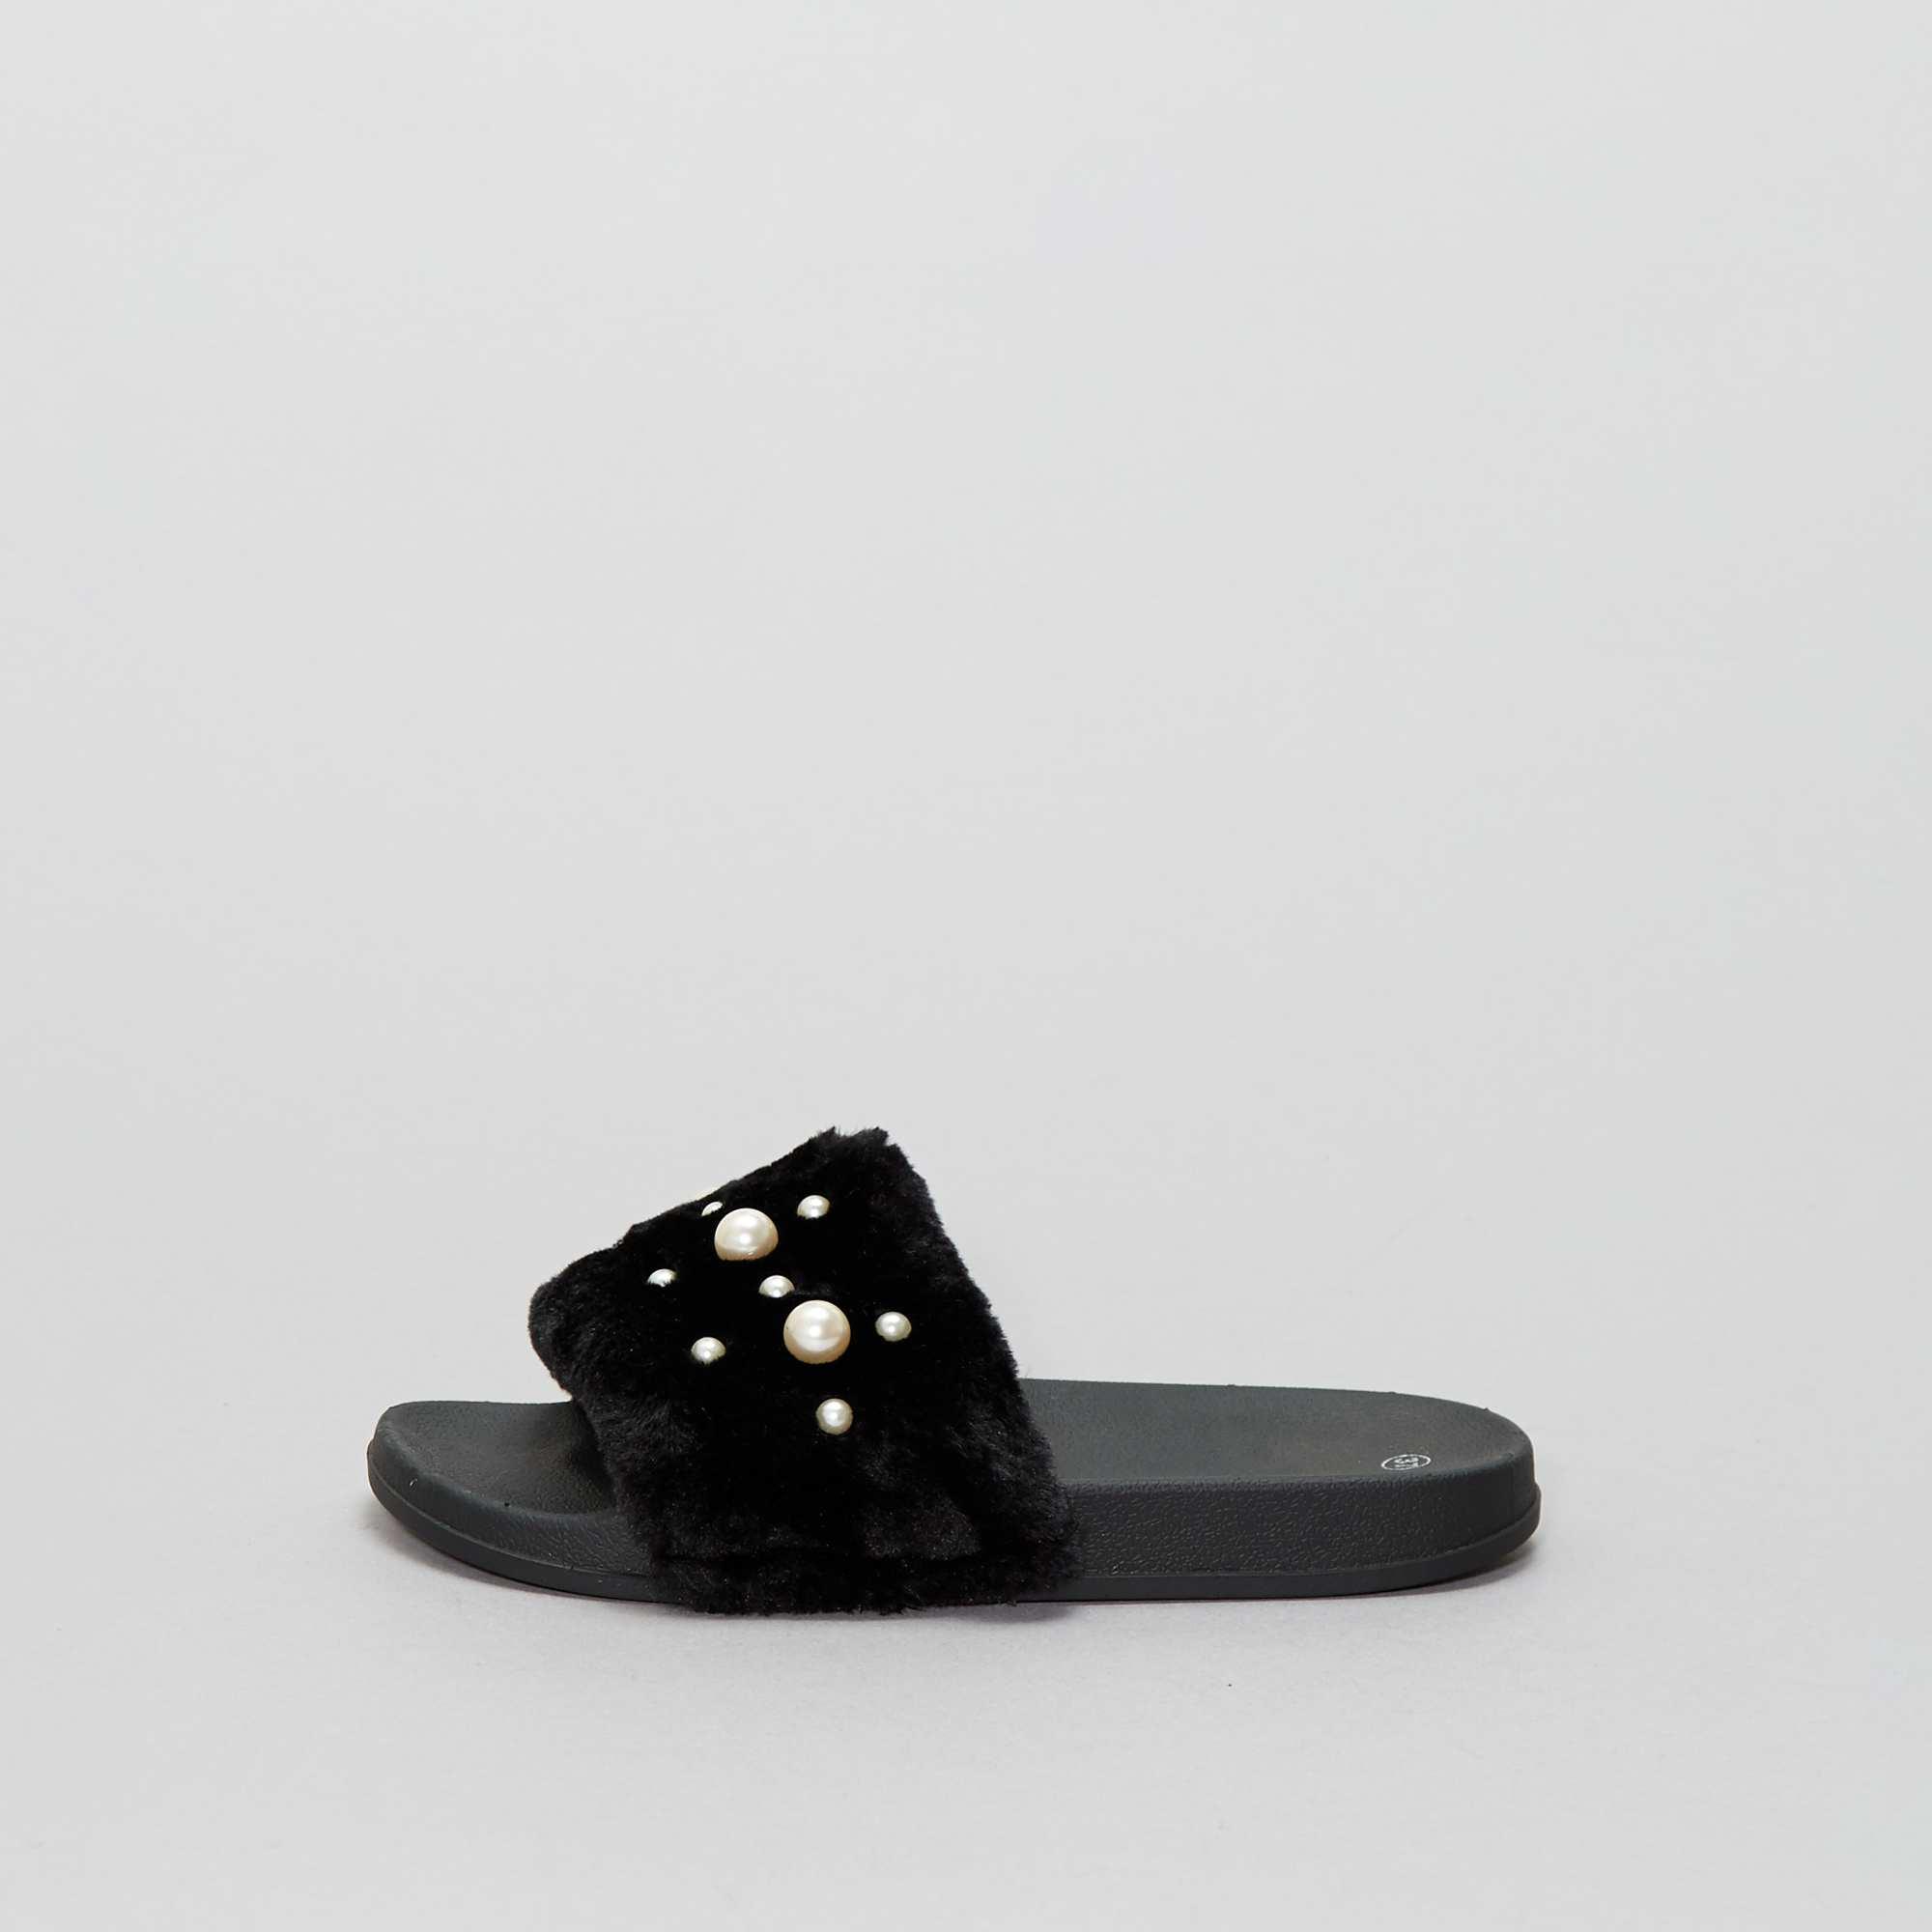 Couleur : noir, , ,, - Taille : 36, 39, 38,40,41Un esprit cocooning avec ces mules à fourrure ! - Chaussures mules imitation fourrure